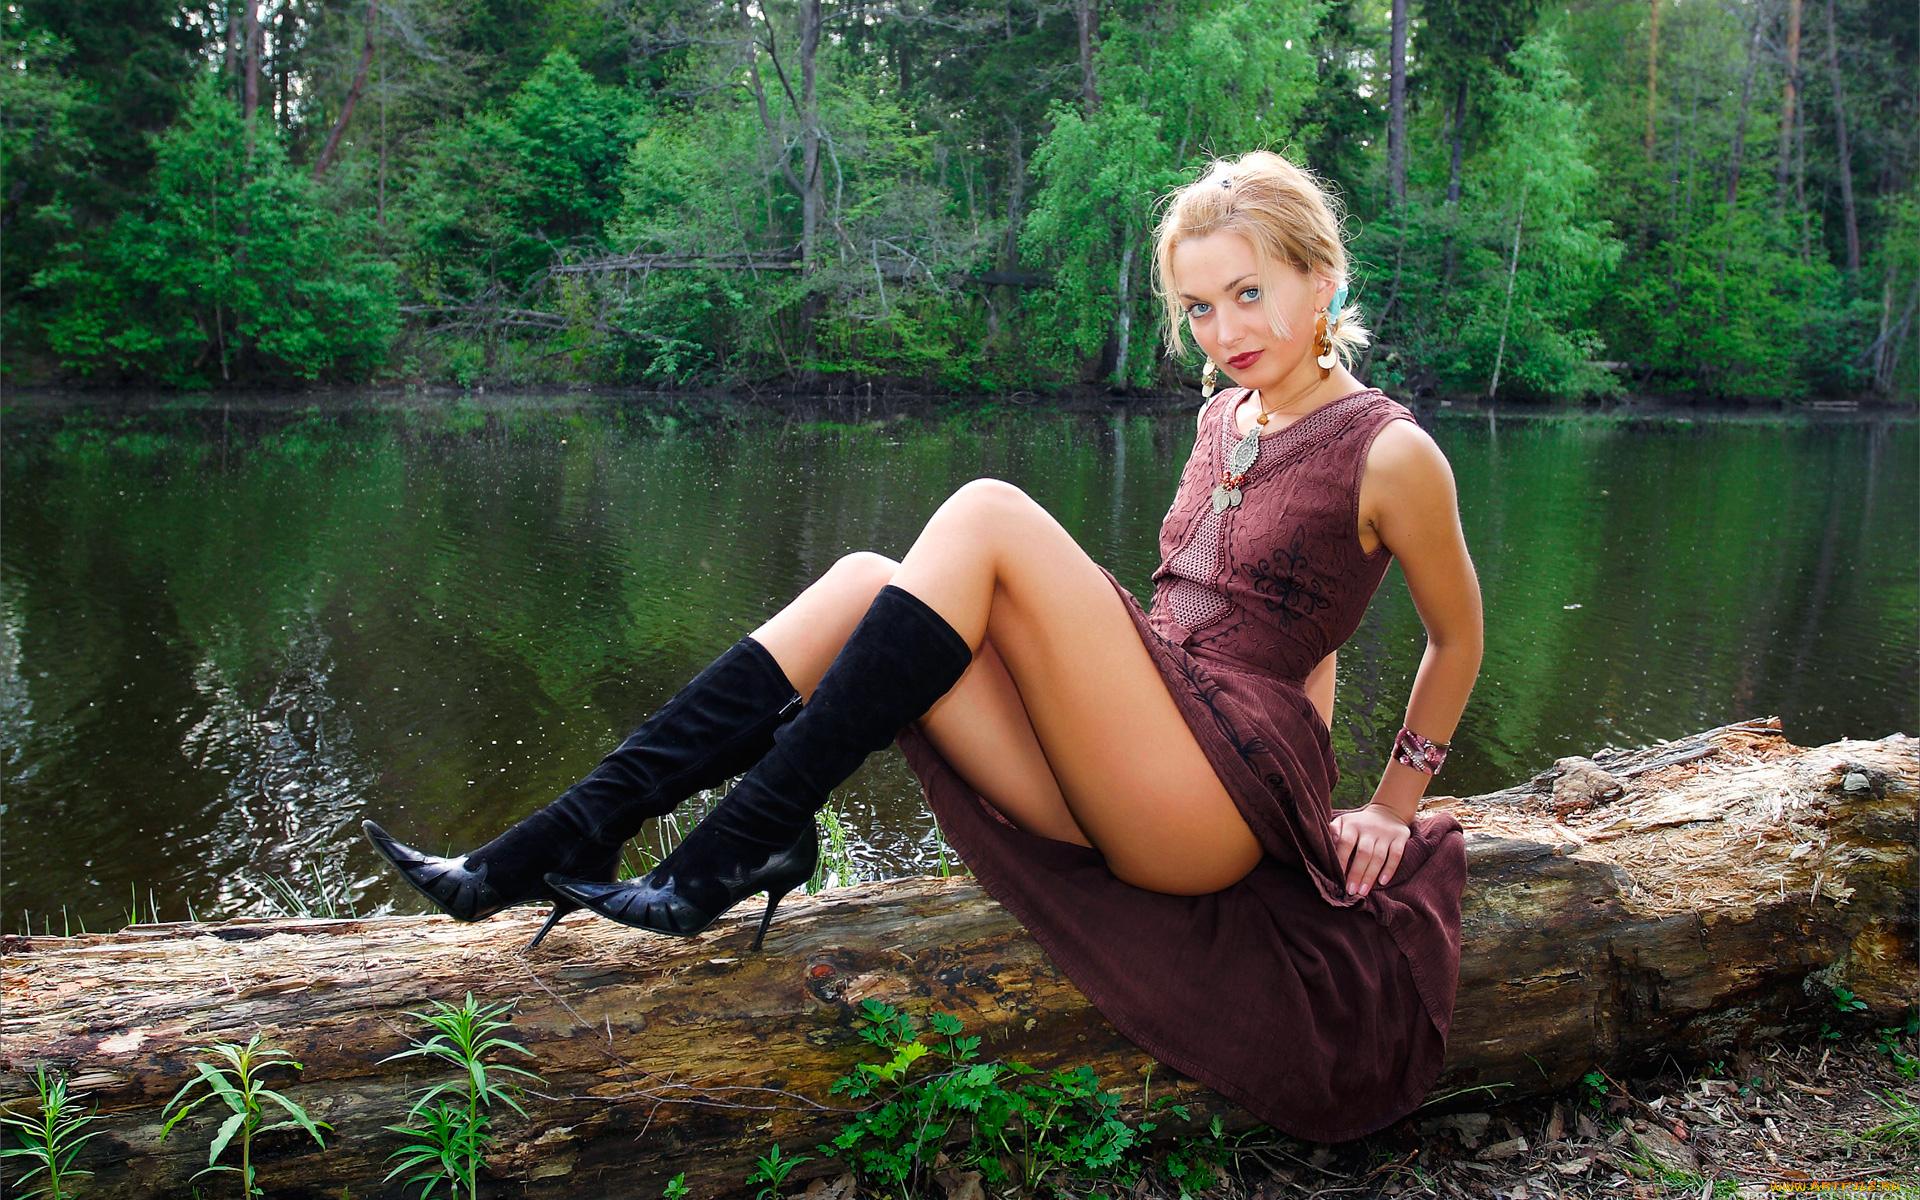 Ххх русский девушка фото, Голые русские девушки фото - обнаженные россиянки 16 фотография